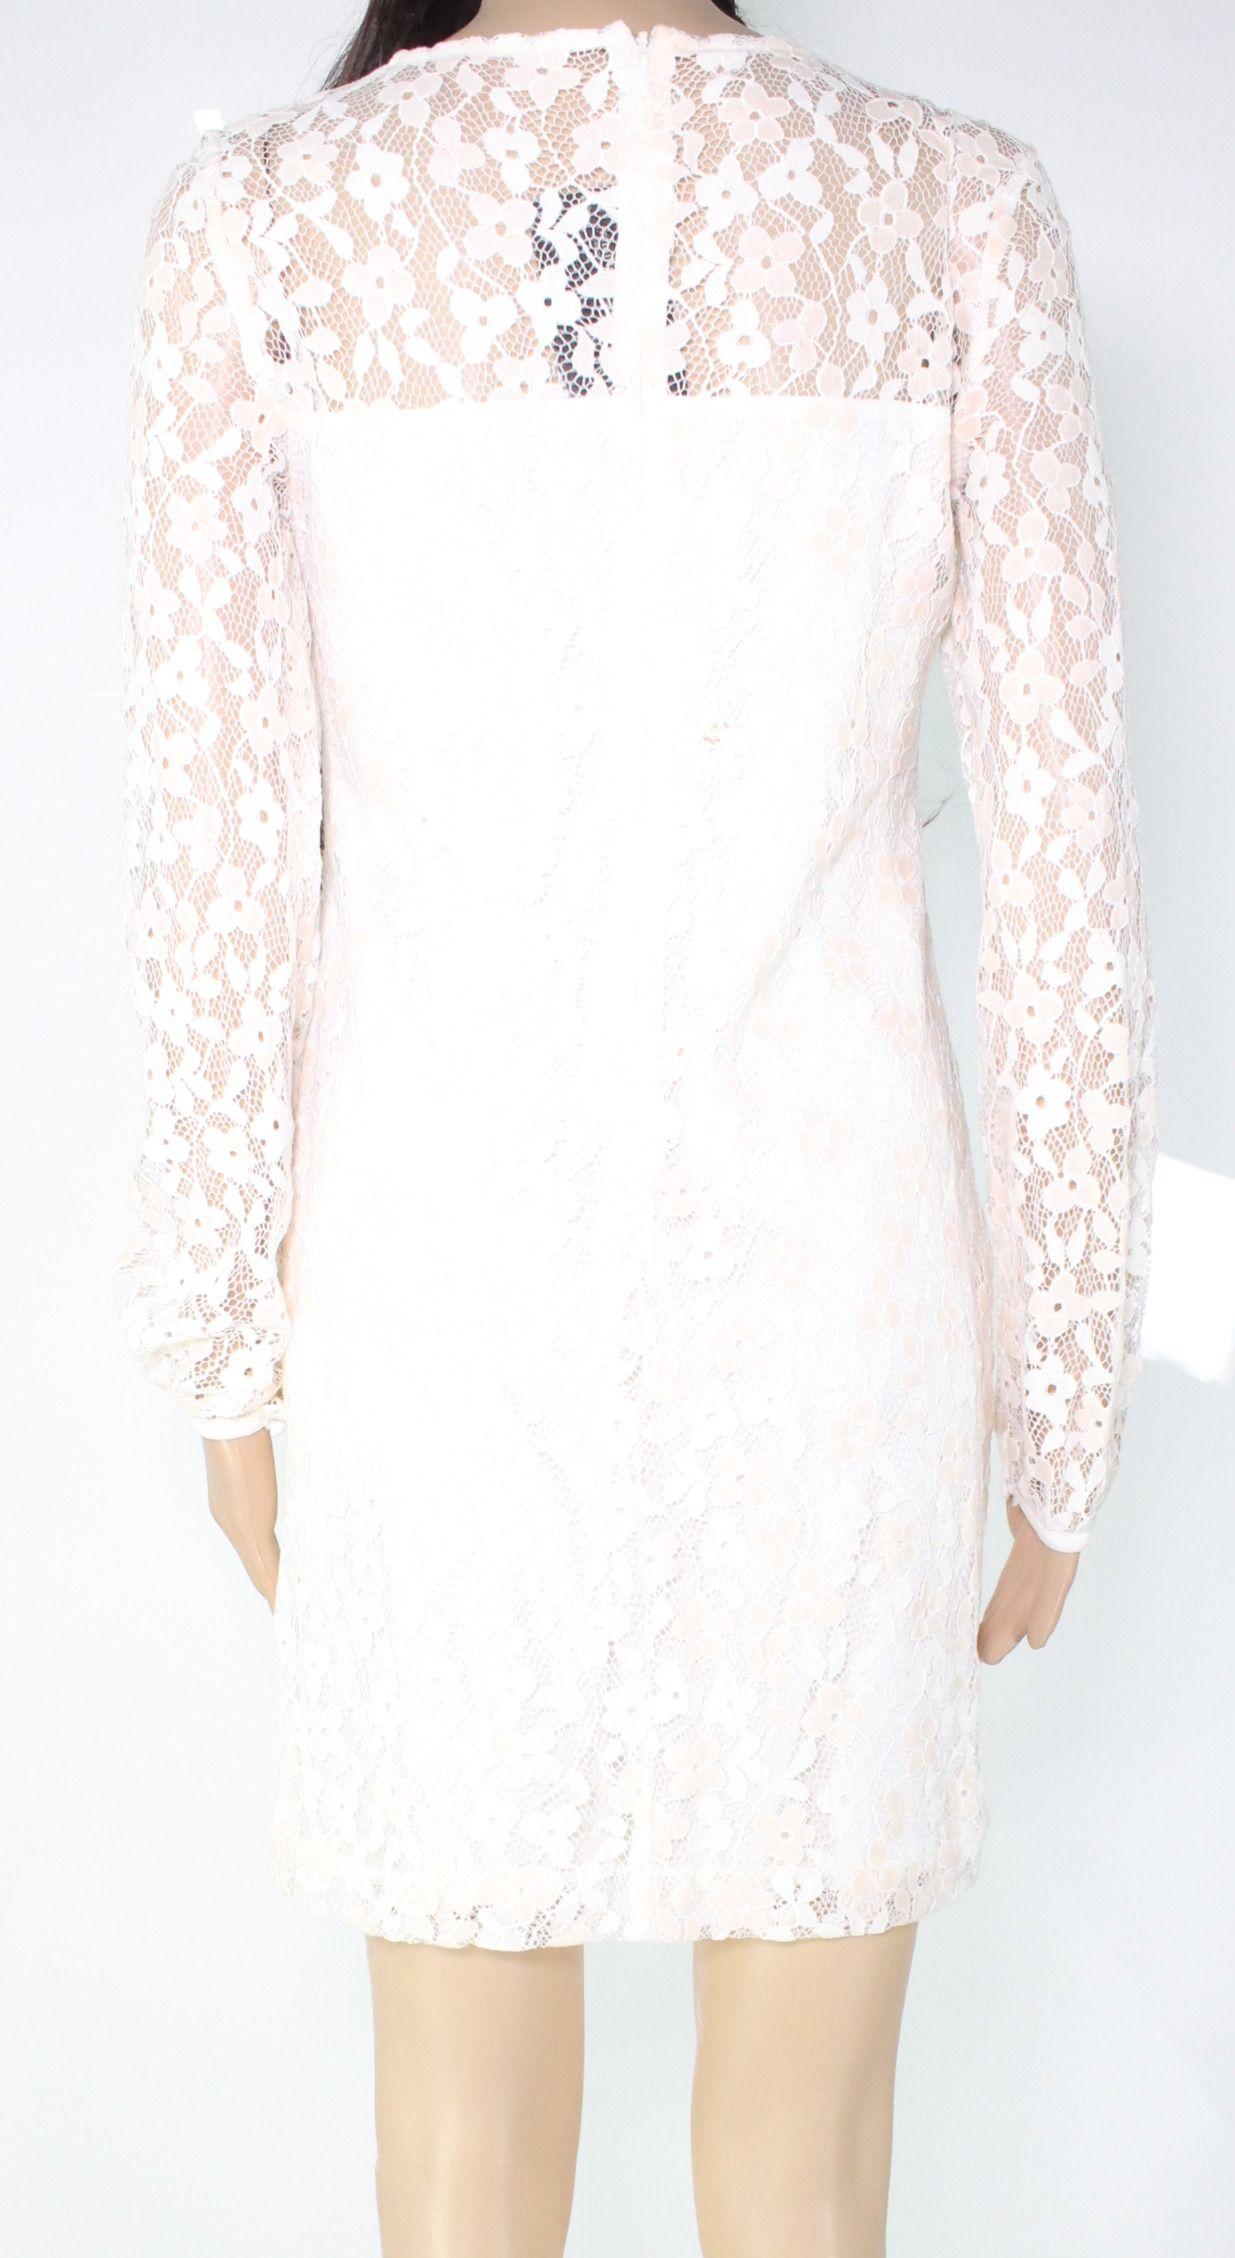 Lauren by Ralph Lauren Women's Dress Beige Size 2P Petite Sheath Lace